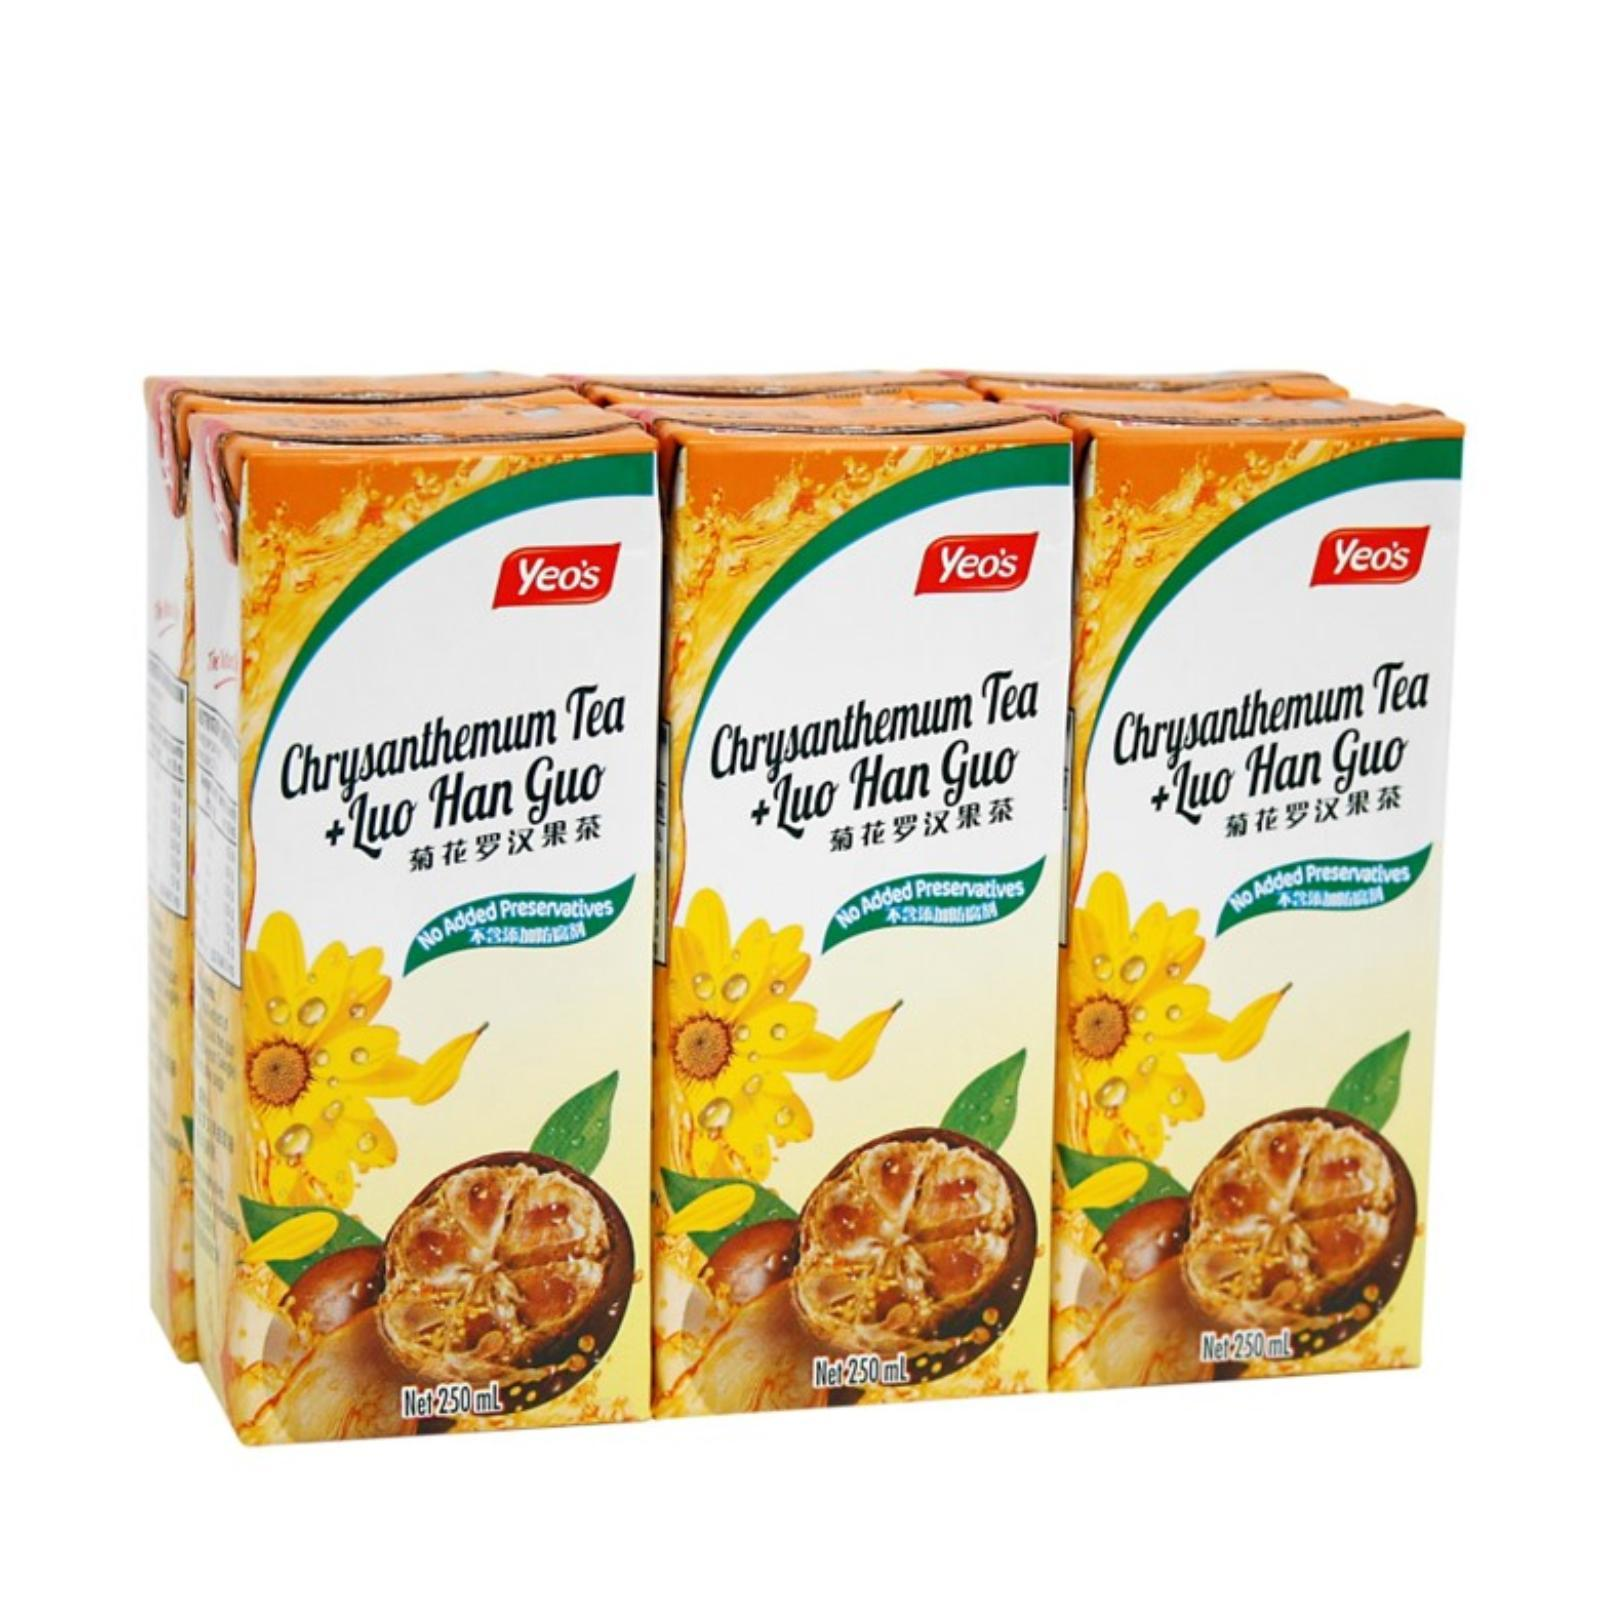 Yeo's Chrysanthemum and Luo Han Guo Tea